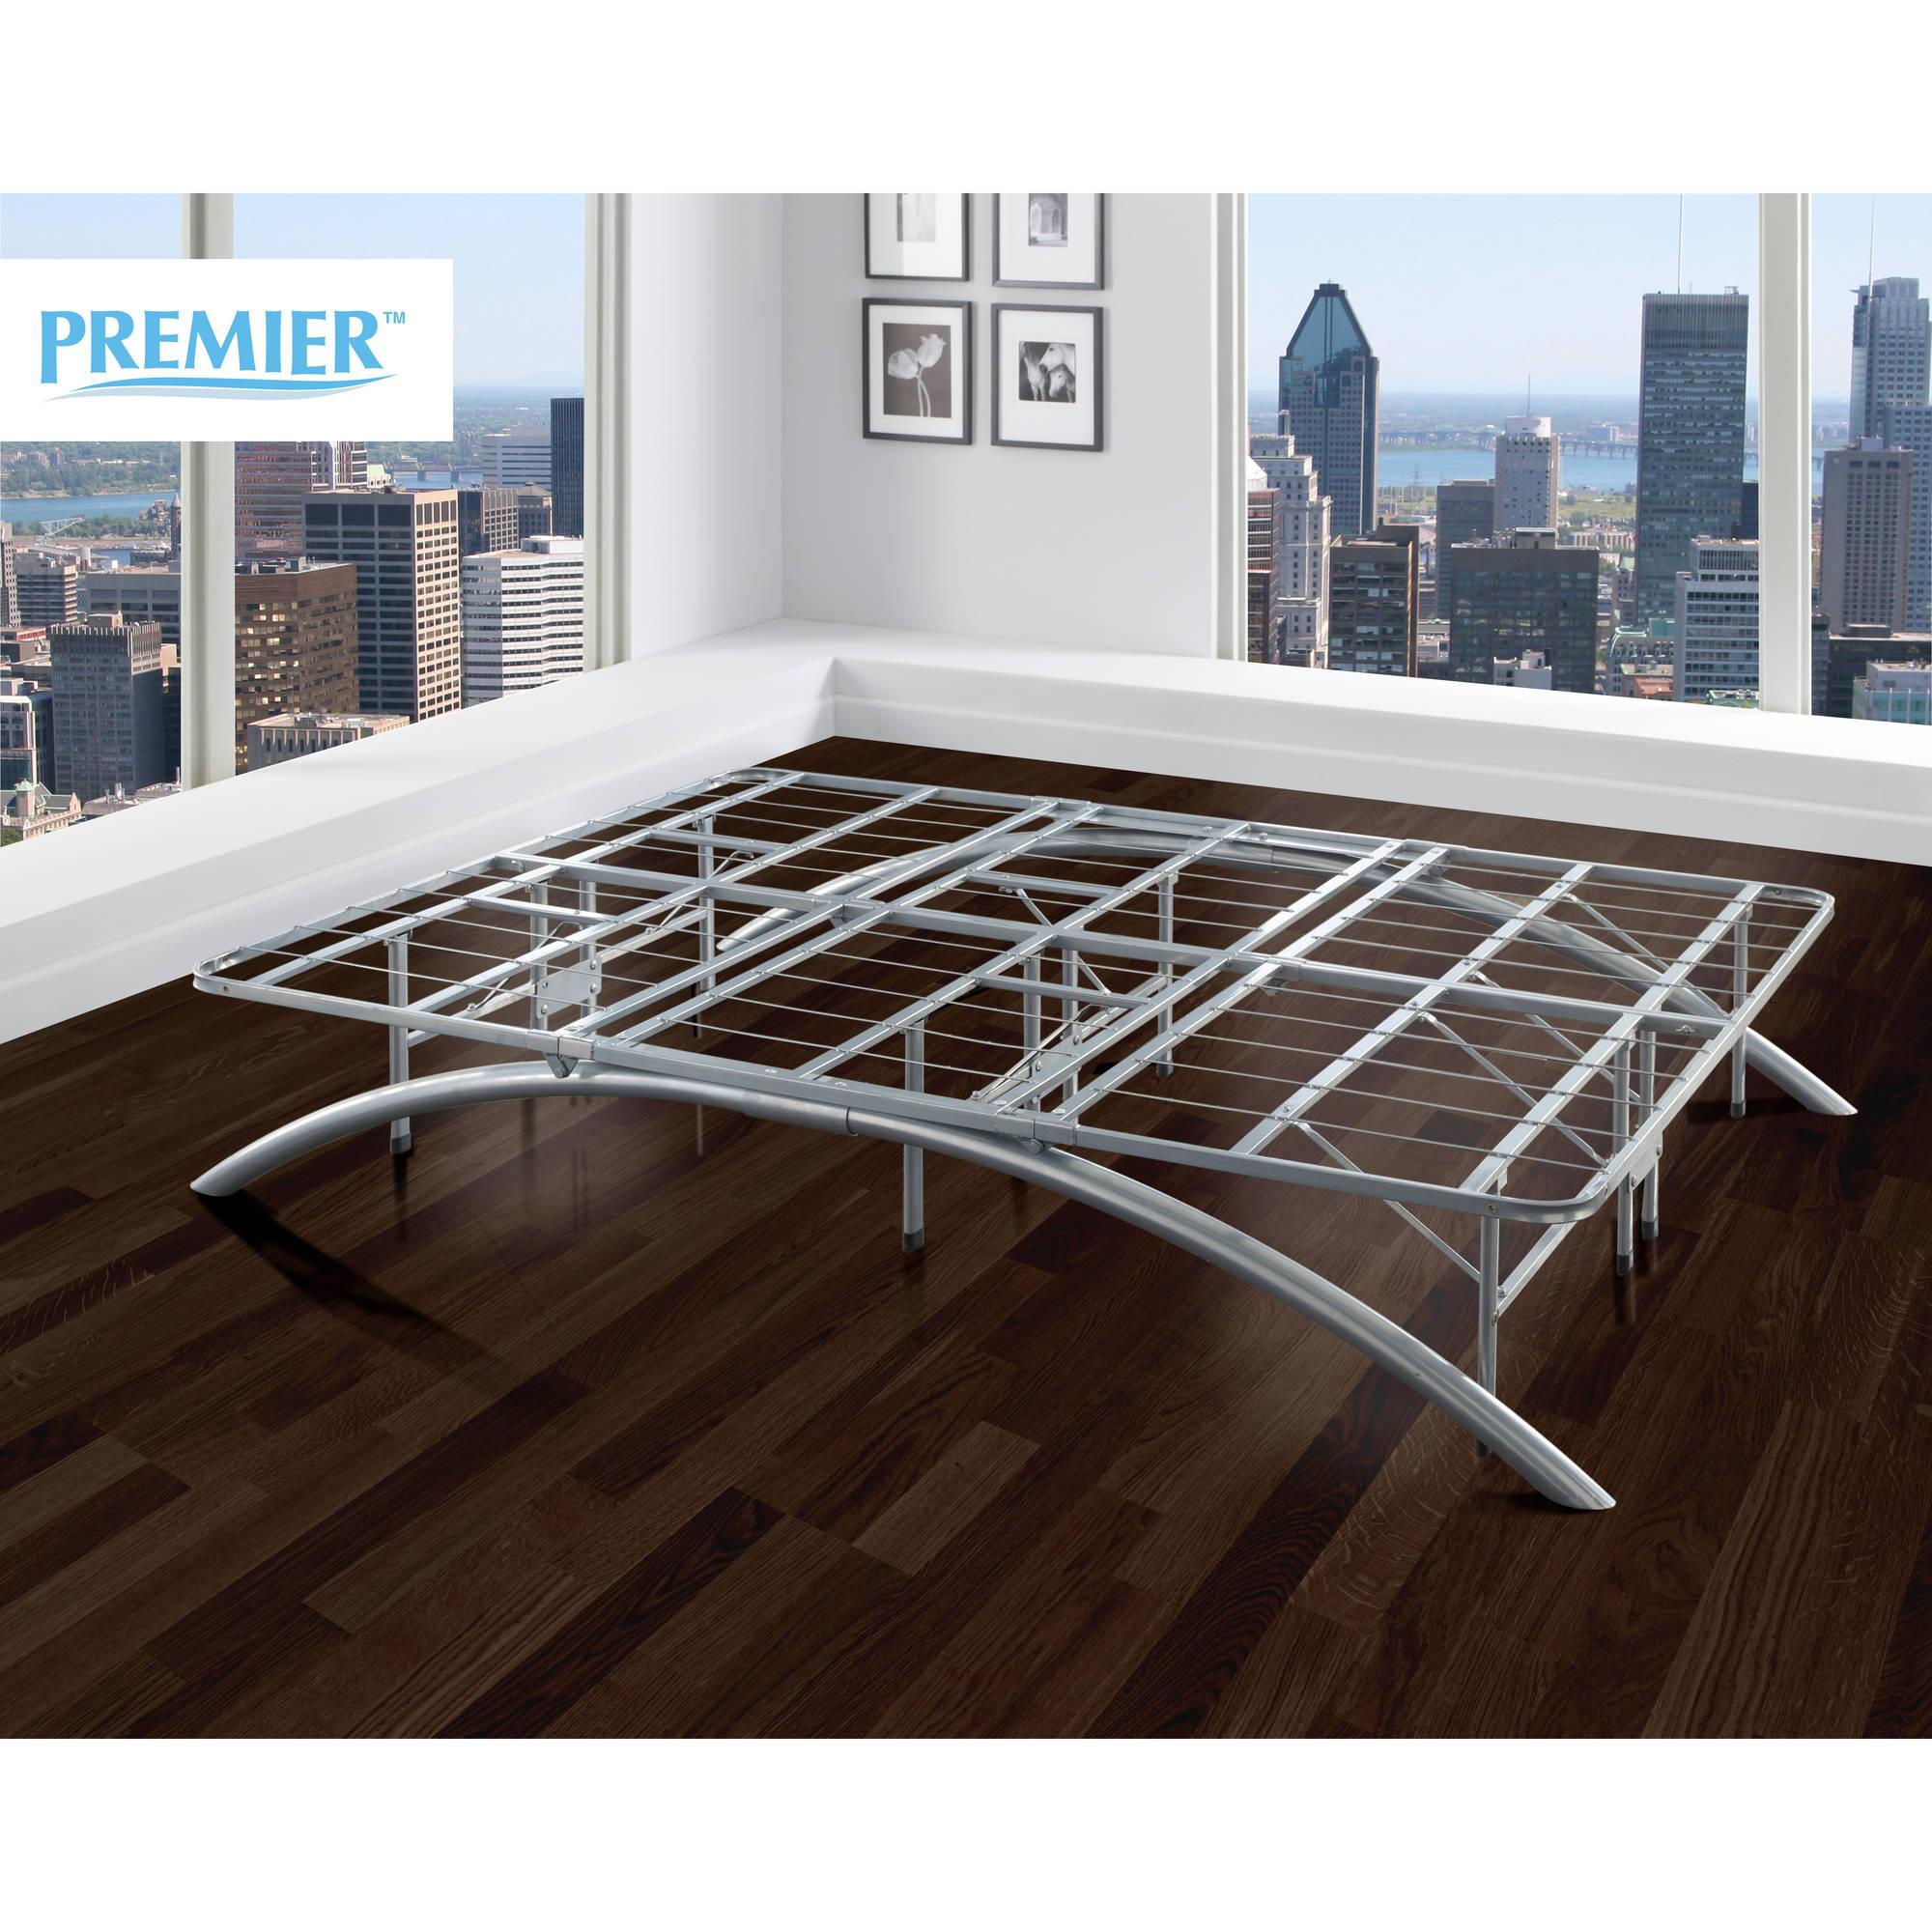 Premier Ellipse Arch Platform Bed Frame Multiple Colors